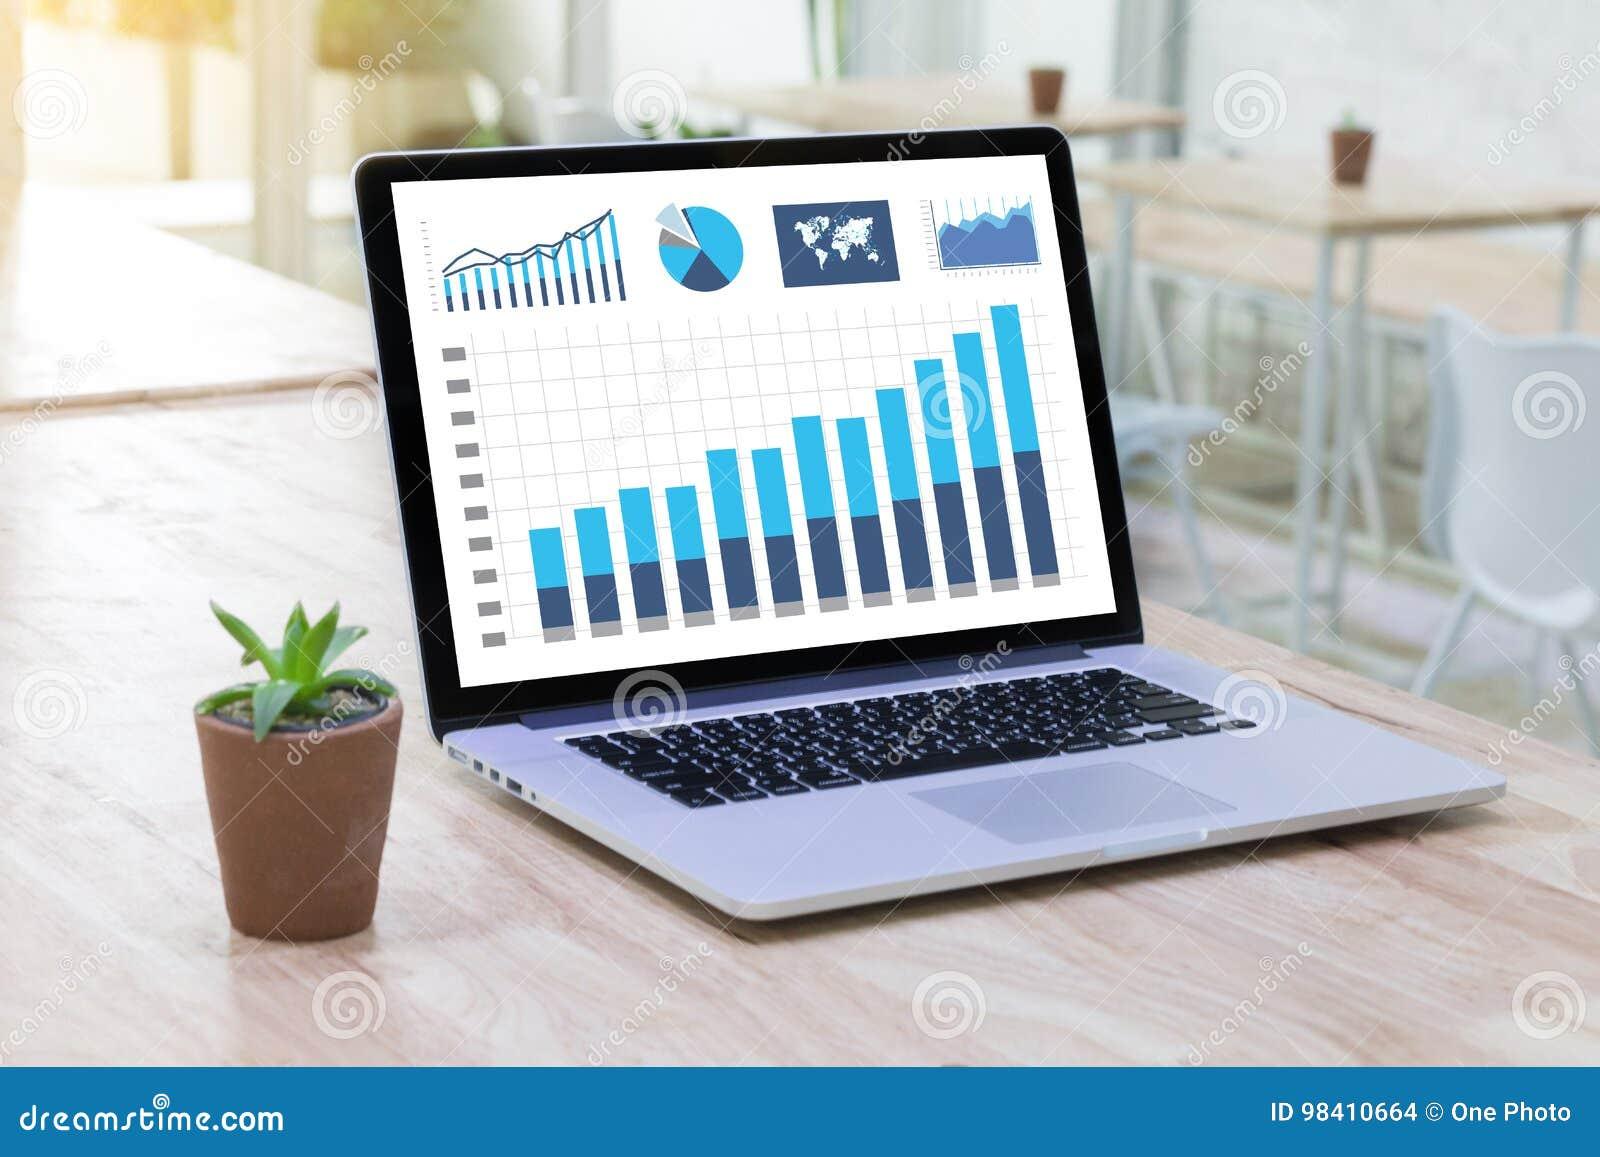 La gente de la tecnología de la información del negocio trabaja Analytics de los datos duros